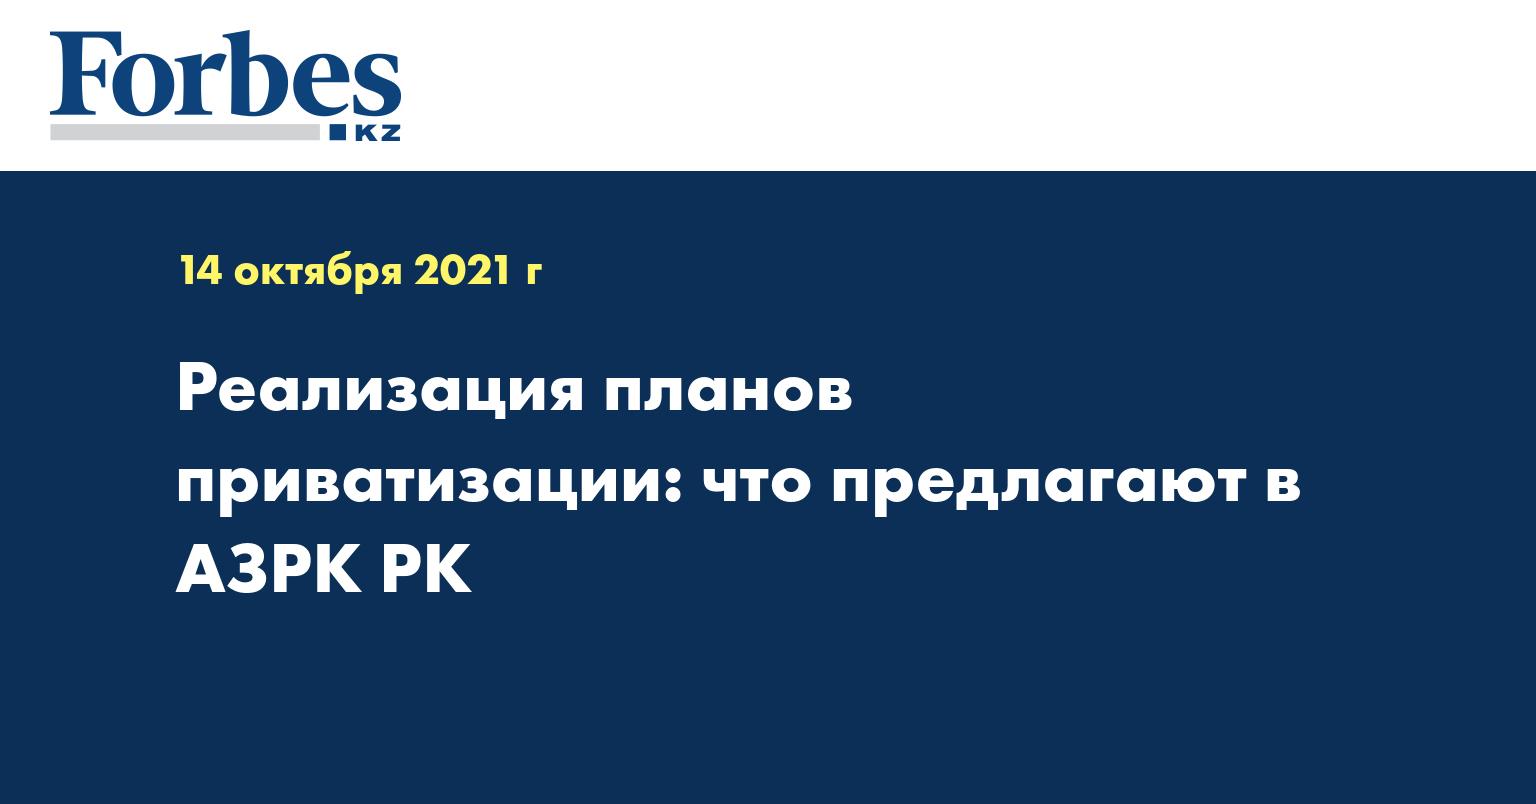 Реализация планов приватизации: что предлагают в АЗРК РК